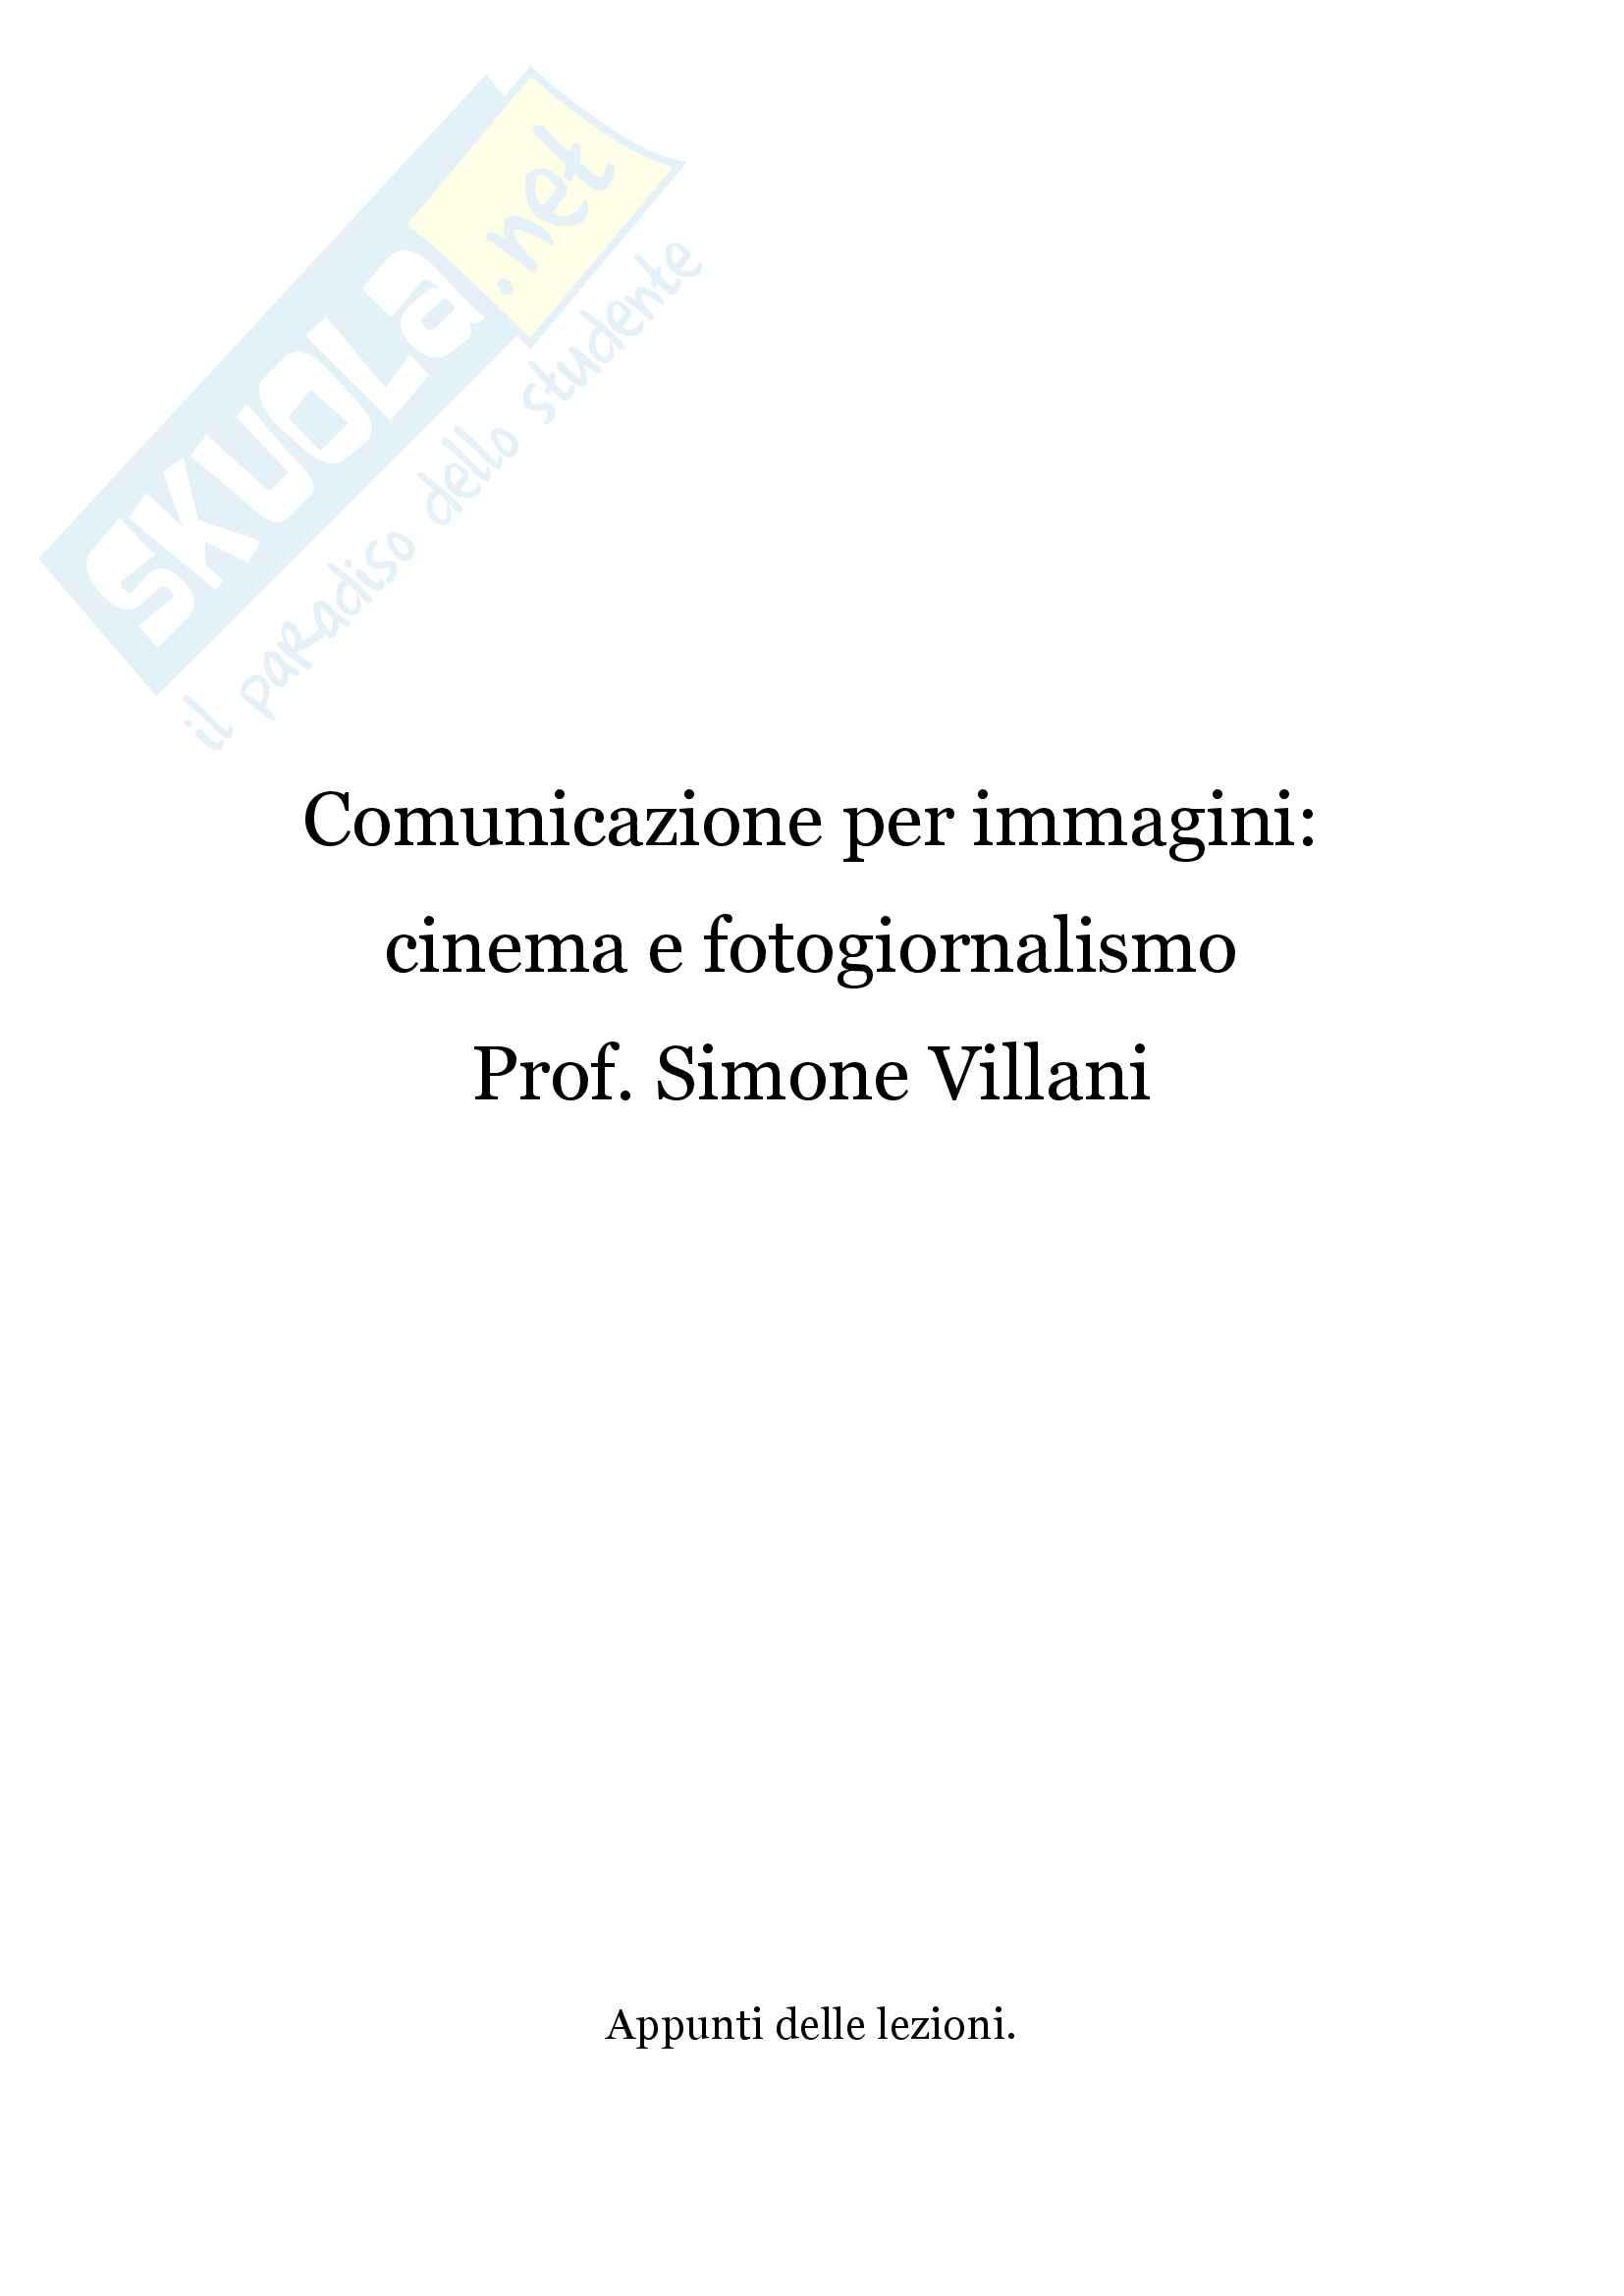 Comunicazione per immagini cinema e fotogiornalismo, Appunti